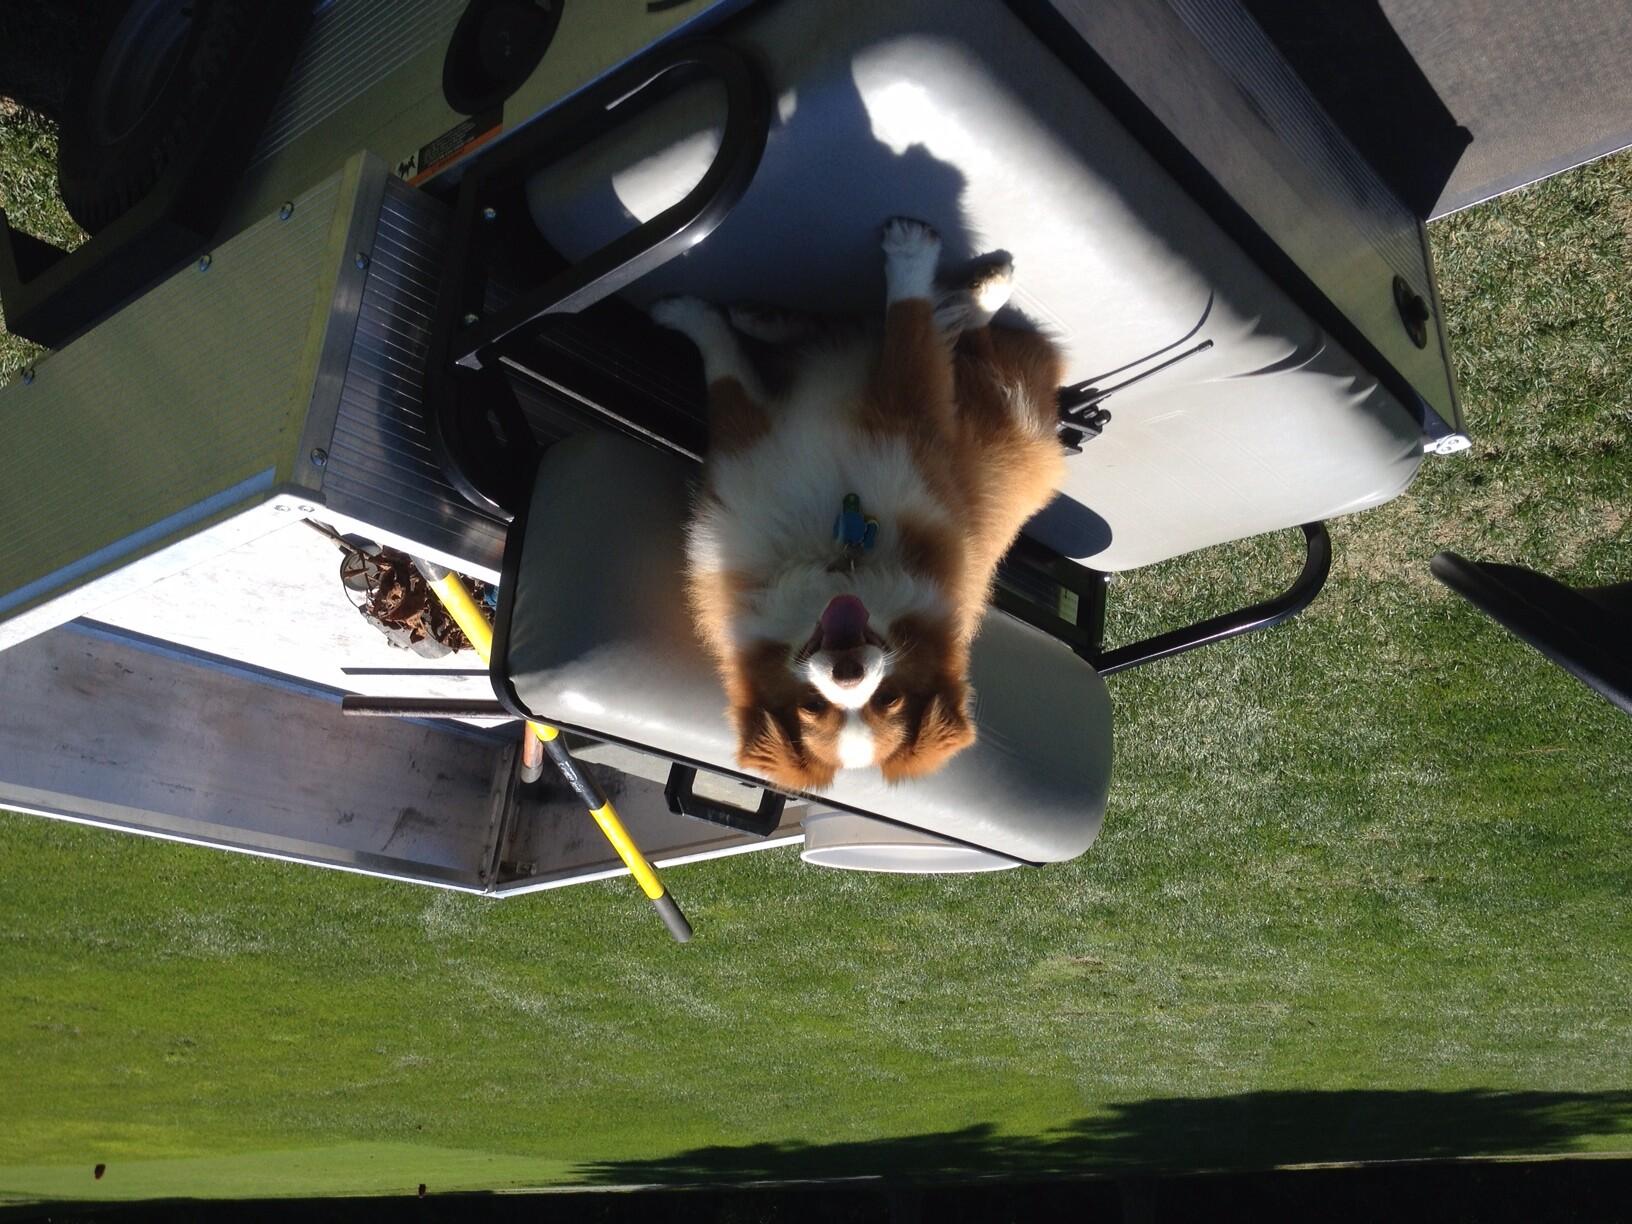 Bucky the dog